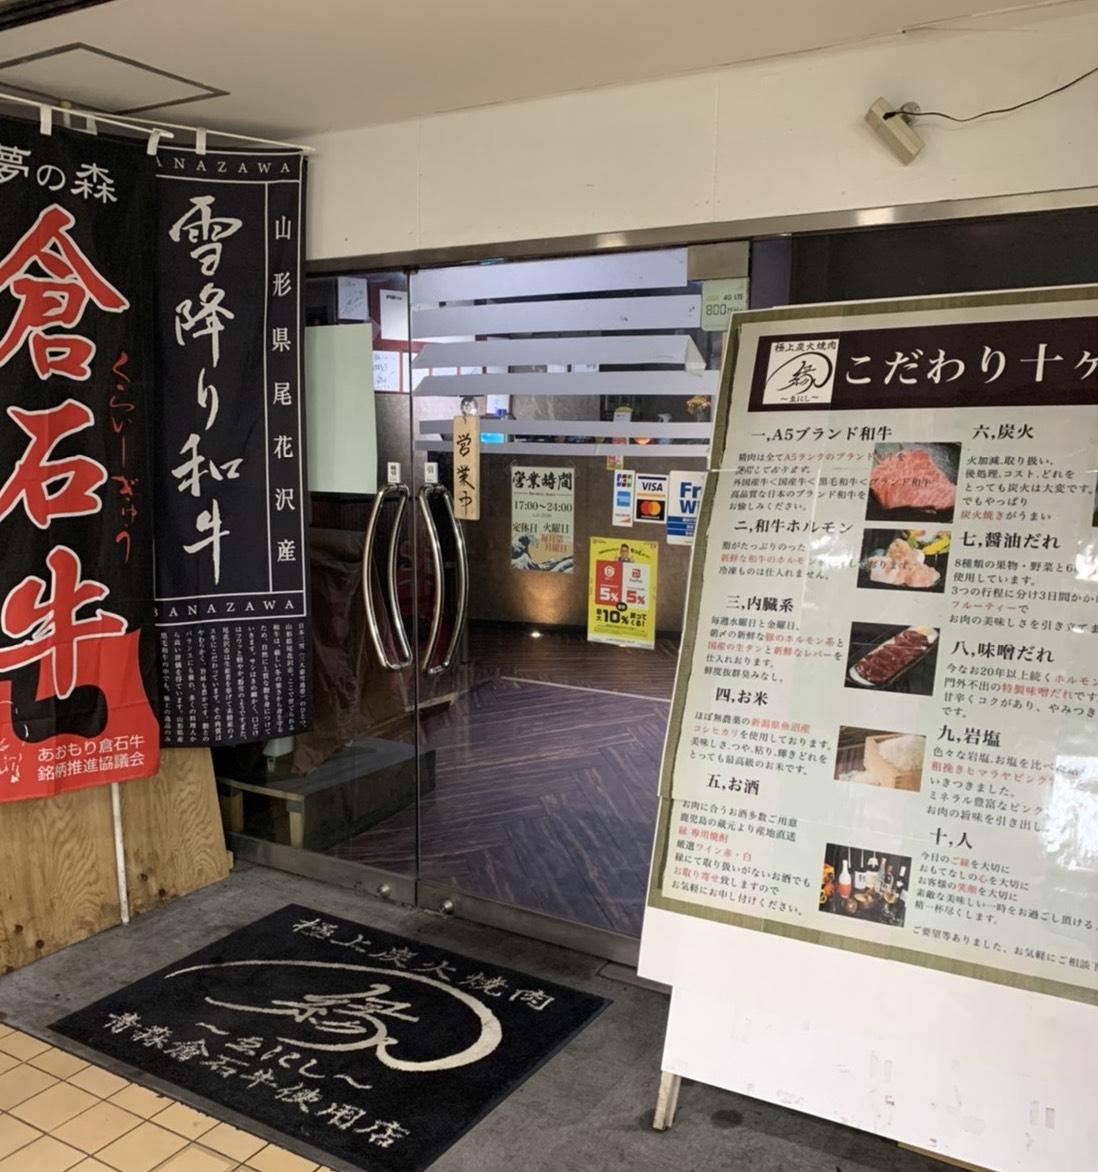 極上炭火焼肉 縁(えにし)(志木市新座市)のお店の外観